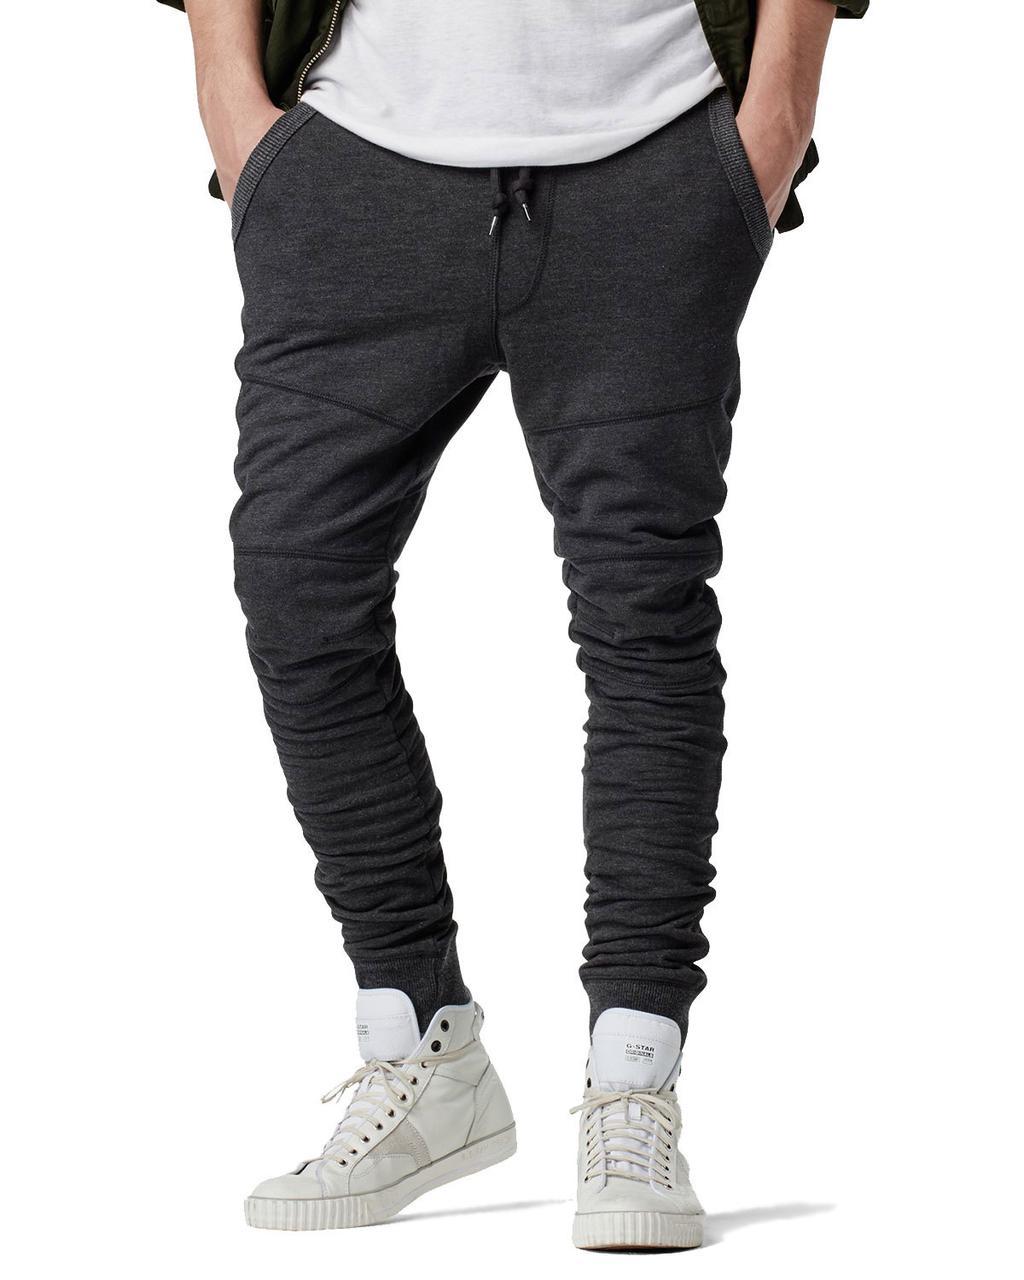 045f4133 Теплые спортивные брюки зауженные до колен, цена 700 грн., купить в Киеве —  Prom.ua (ID#662611104)